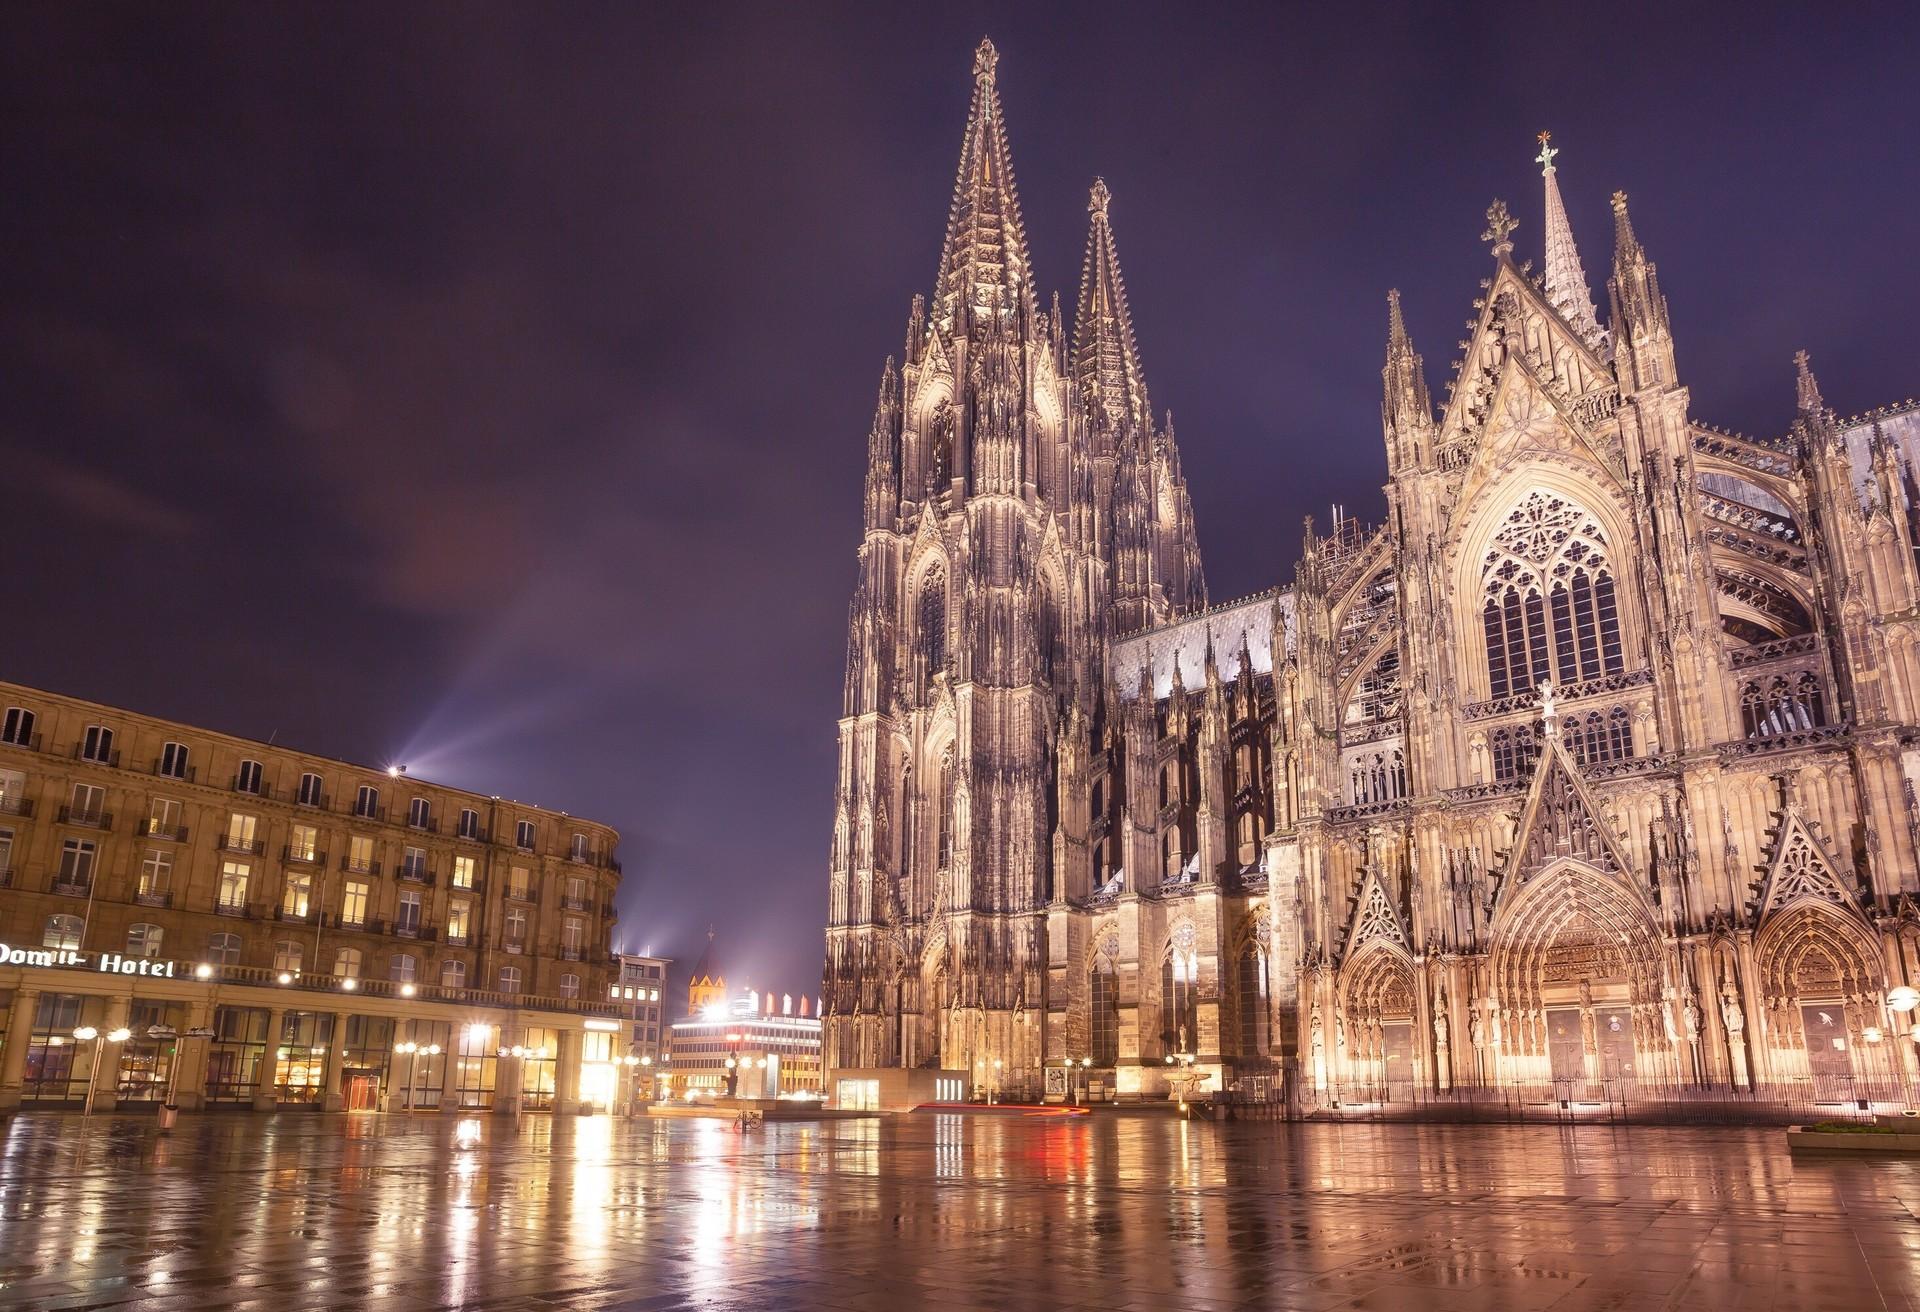 La impresionante Catedral de Colonia.